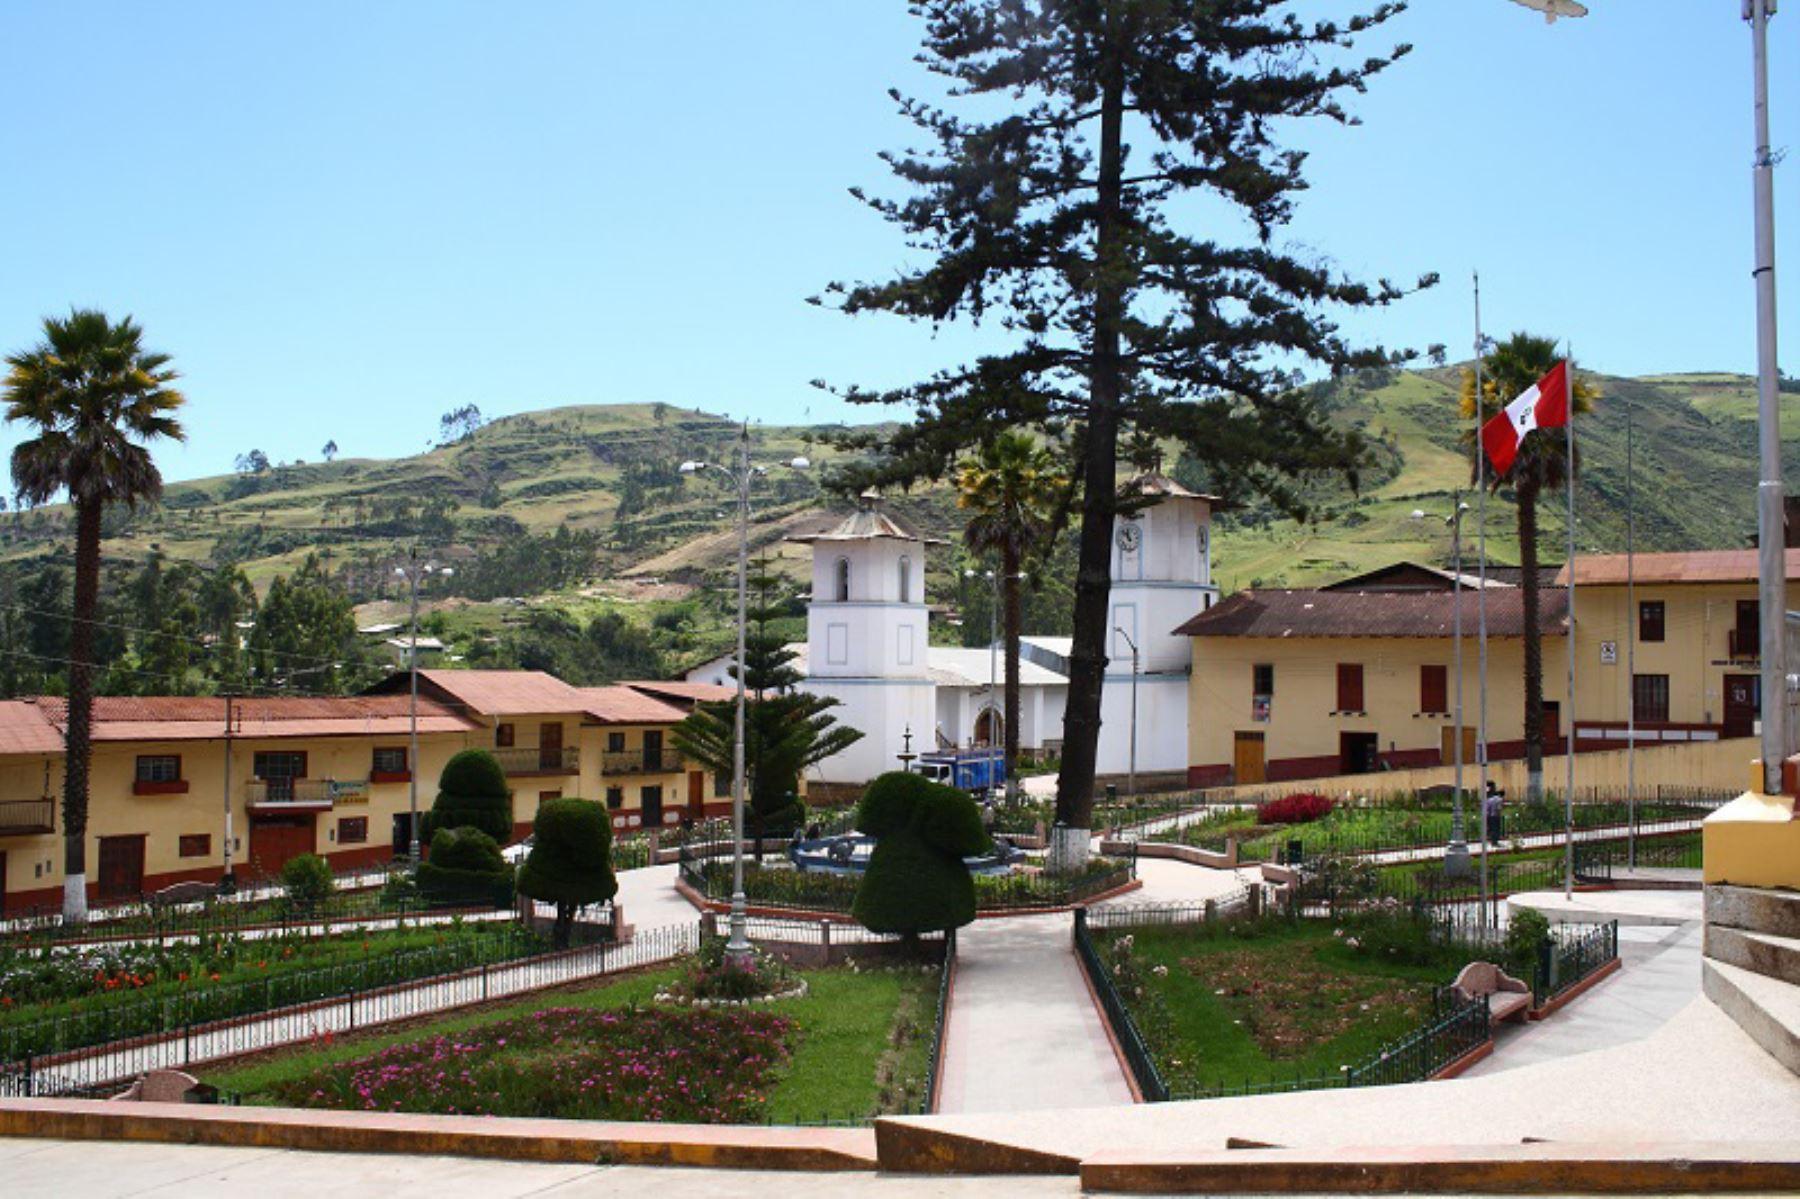 Universidad de San Marcos anuncia proyecto para combatir la pobreza extrema en la provincia de Contumazá, región Cajamarca. Foto: Internet